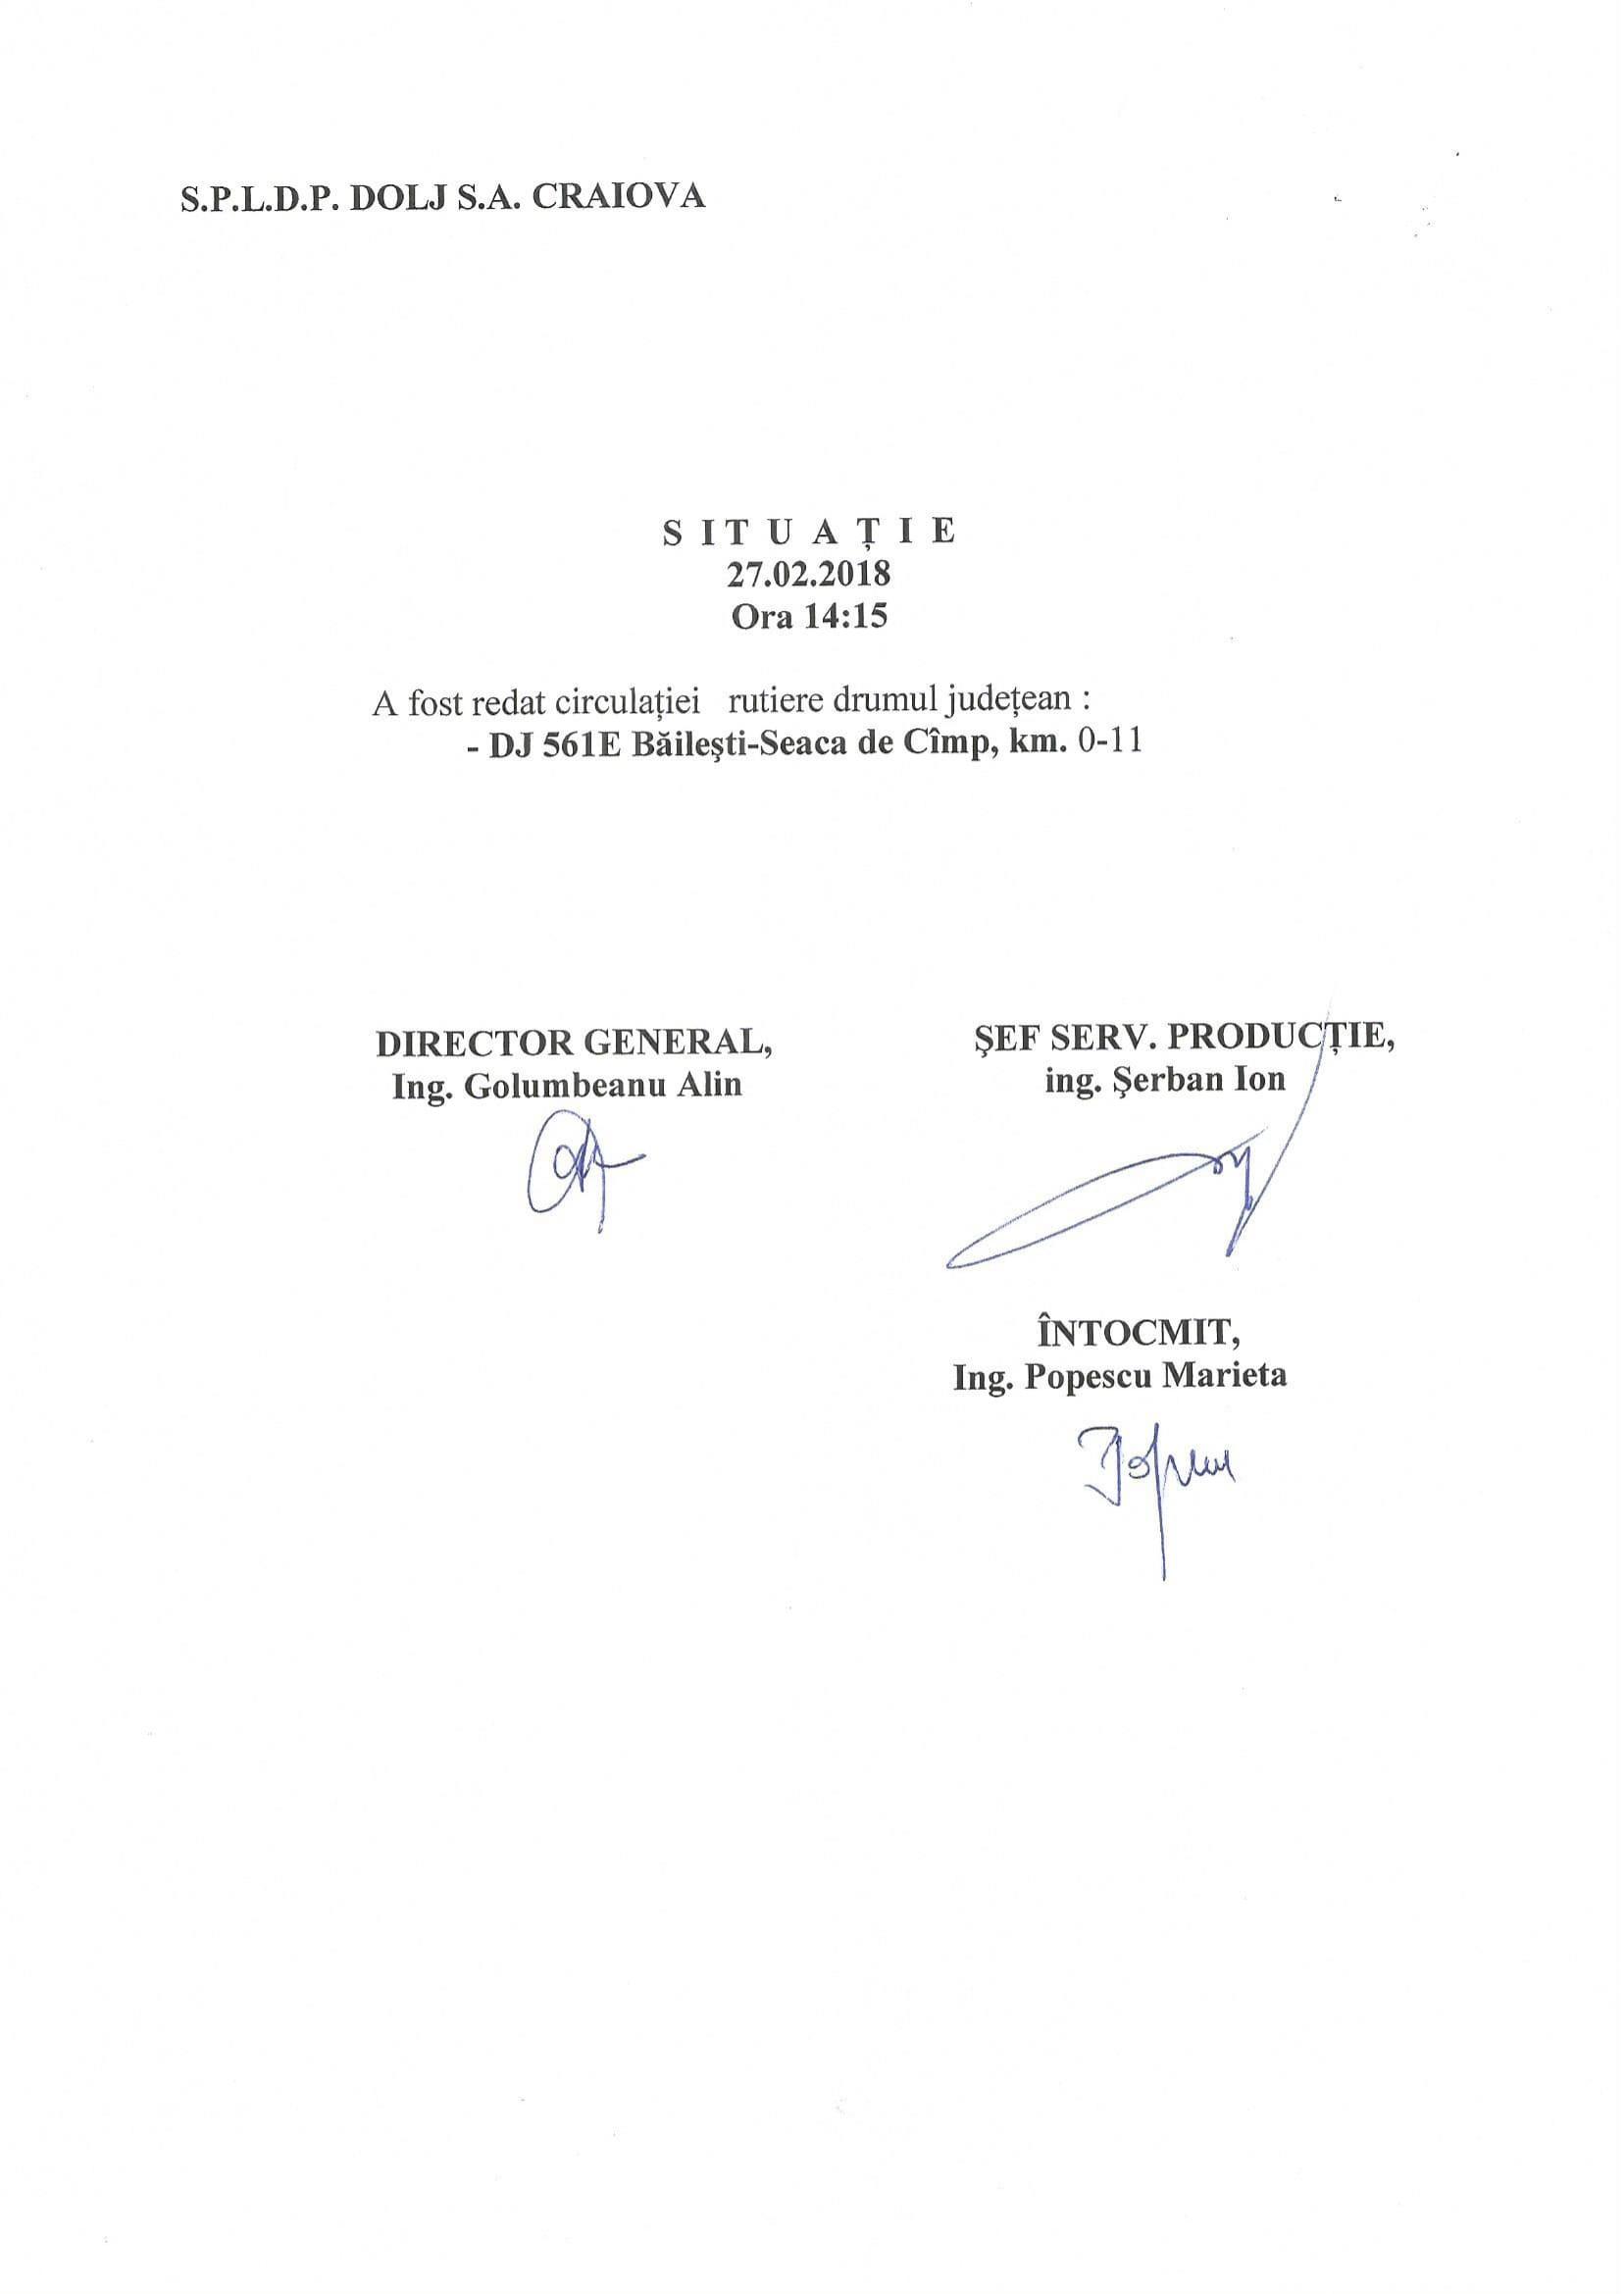 A fost redat circulației rutiere drumul județean DJ 561E, Băilești - Seaca de Câmp, km 0 - 11